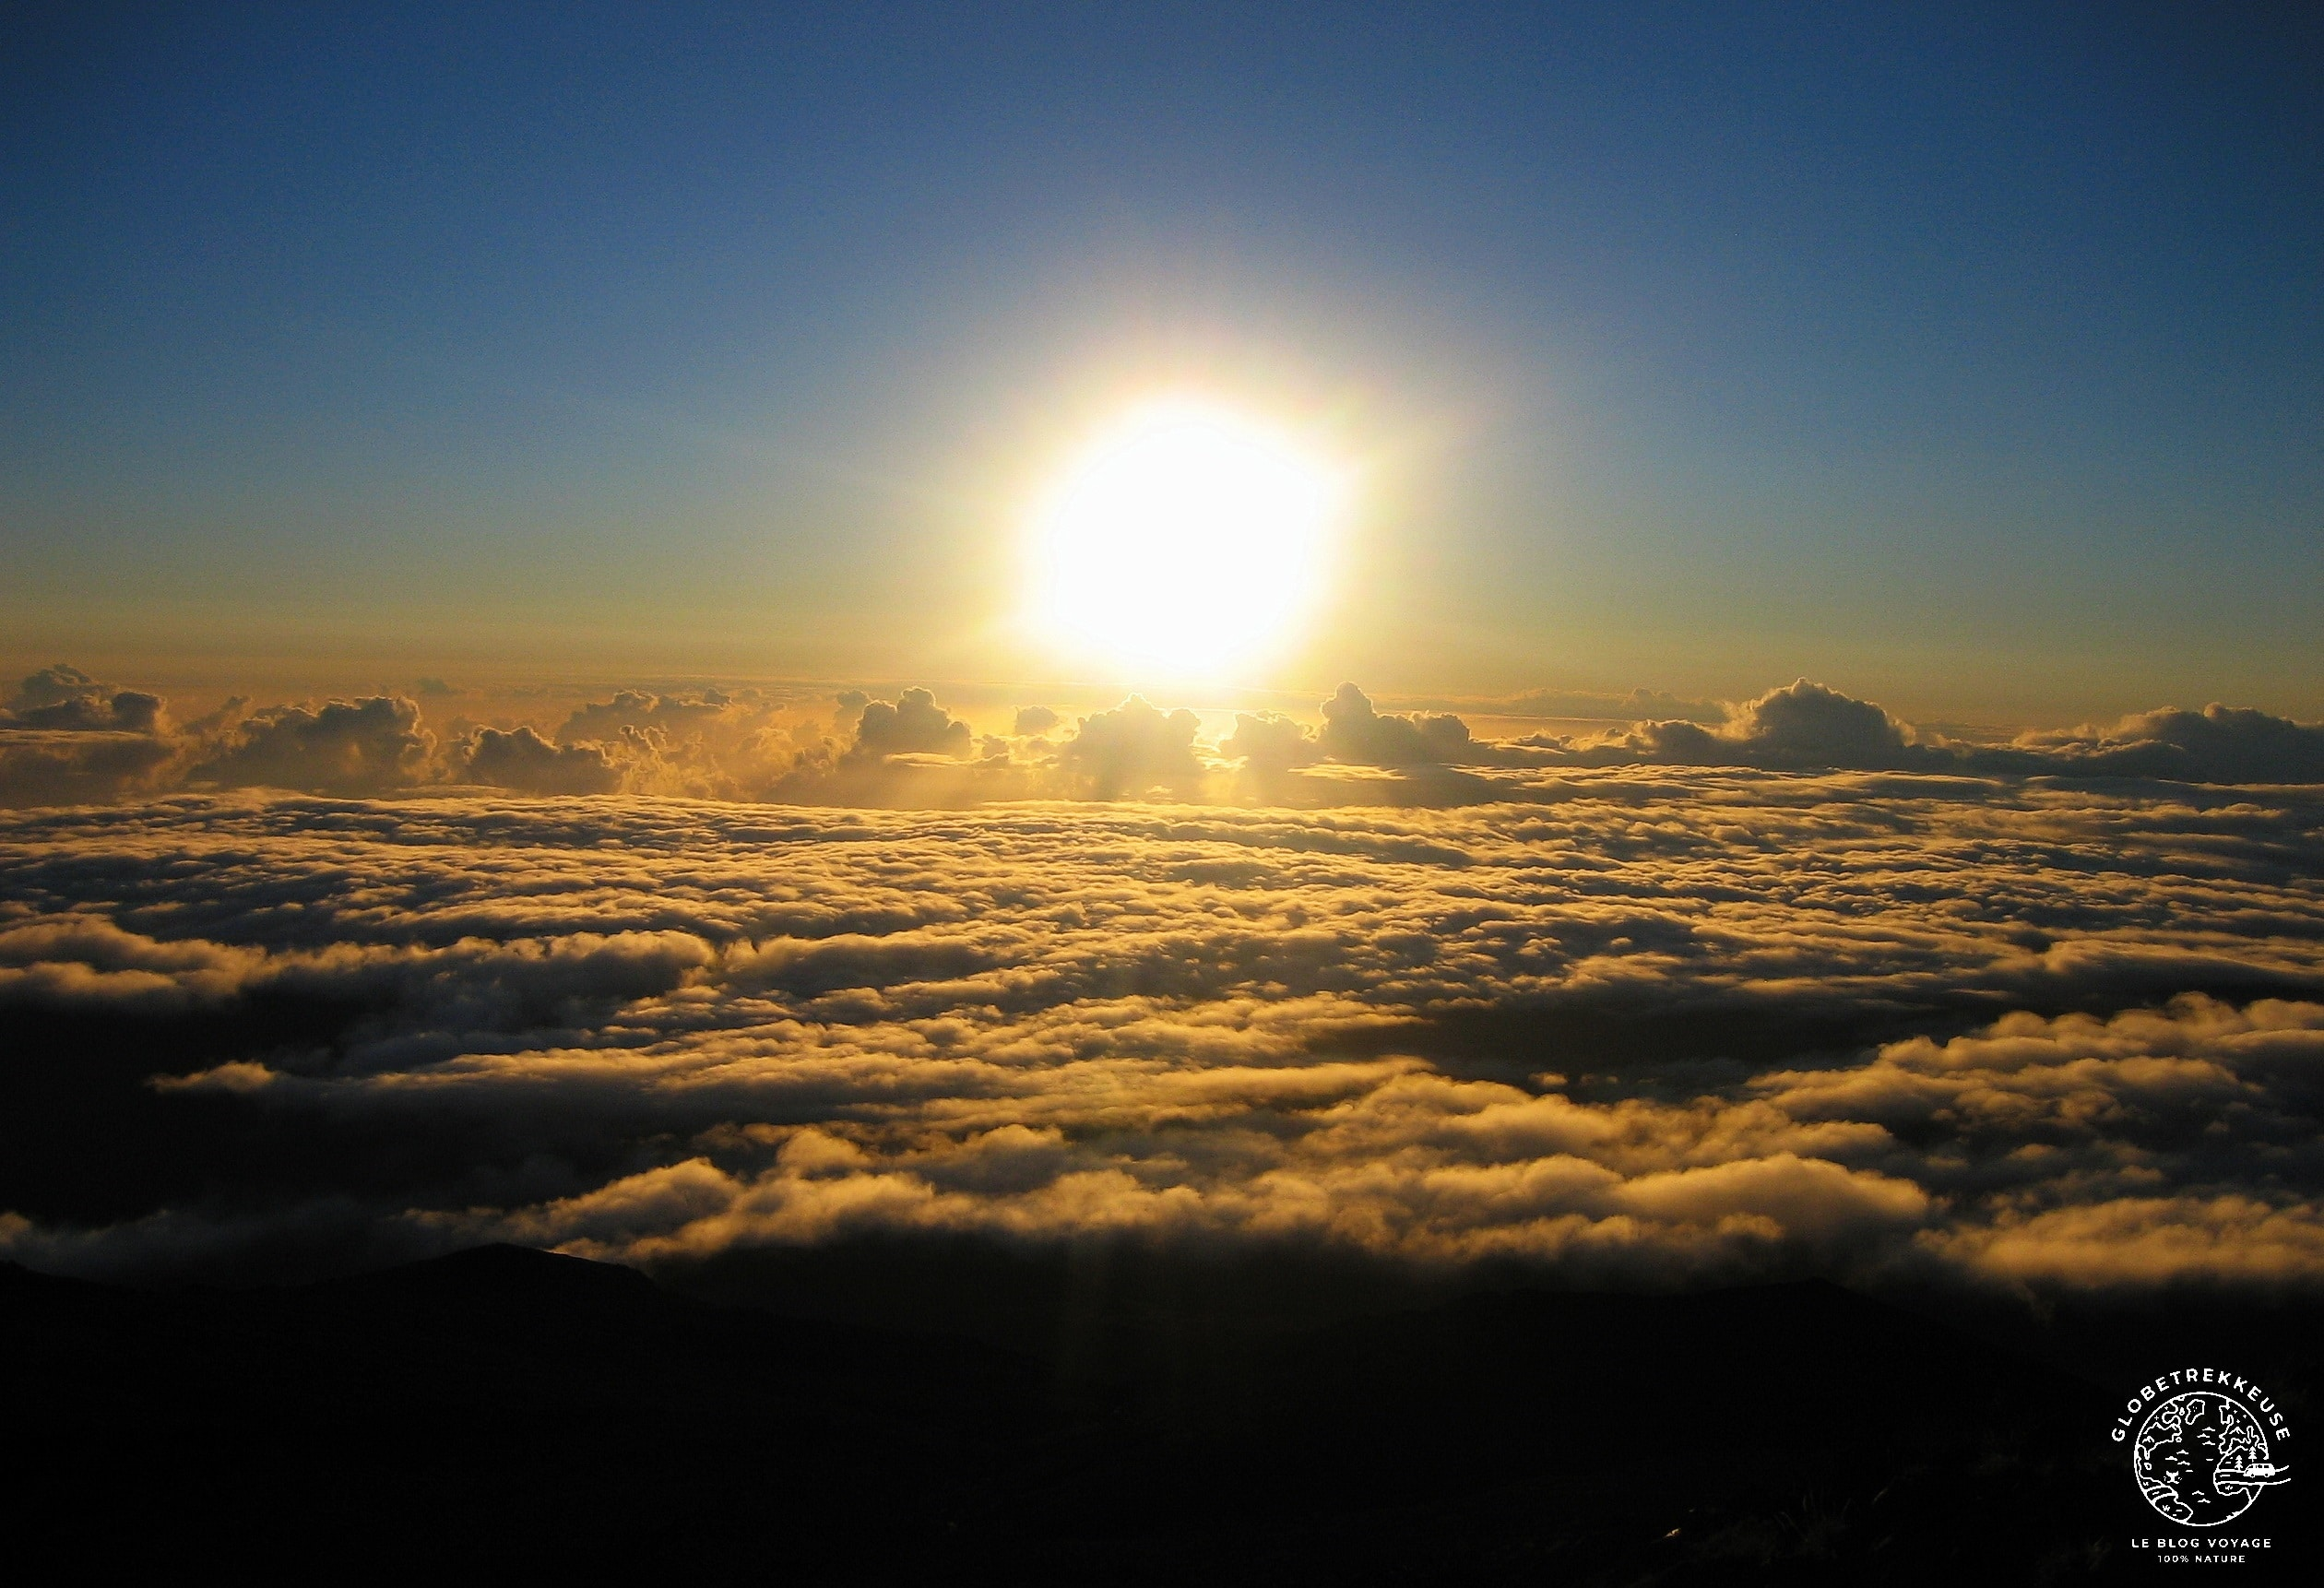 île de la reunion coucher soleil